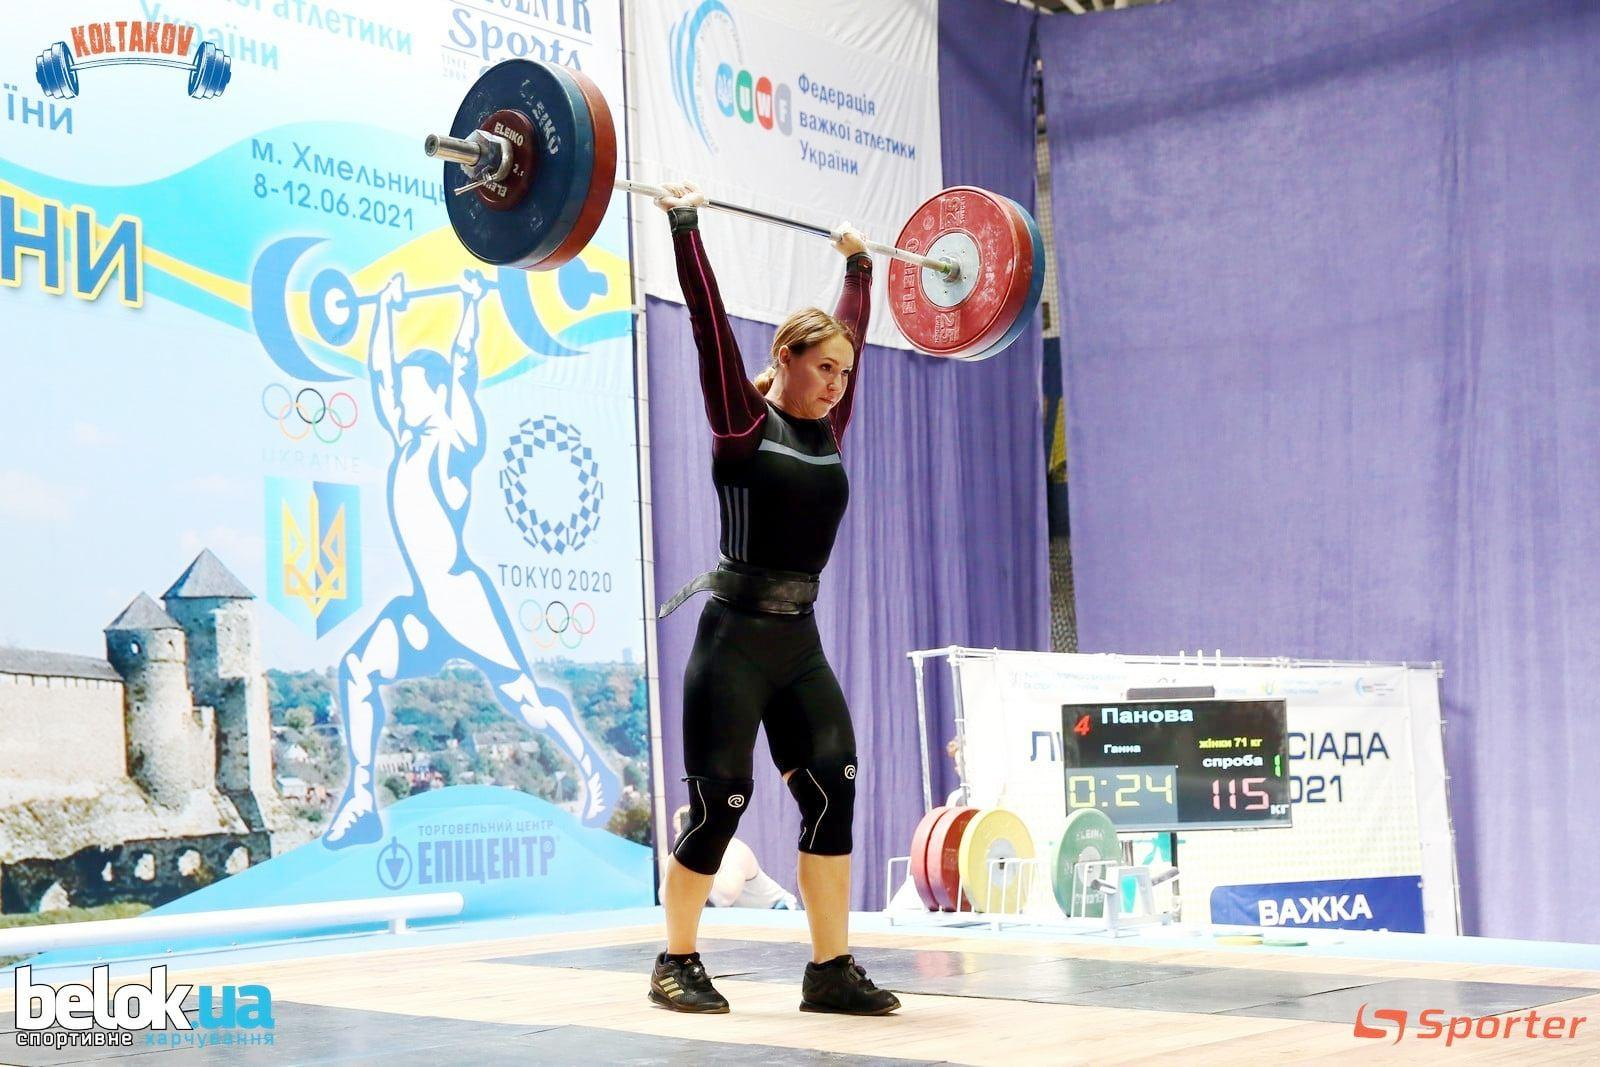 Спортсменка з Вінниці встановила чотири рекорди на чемпіонаті України з важкої атлетики (Фото)